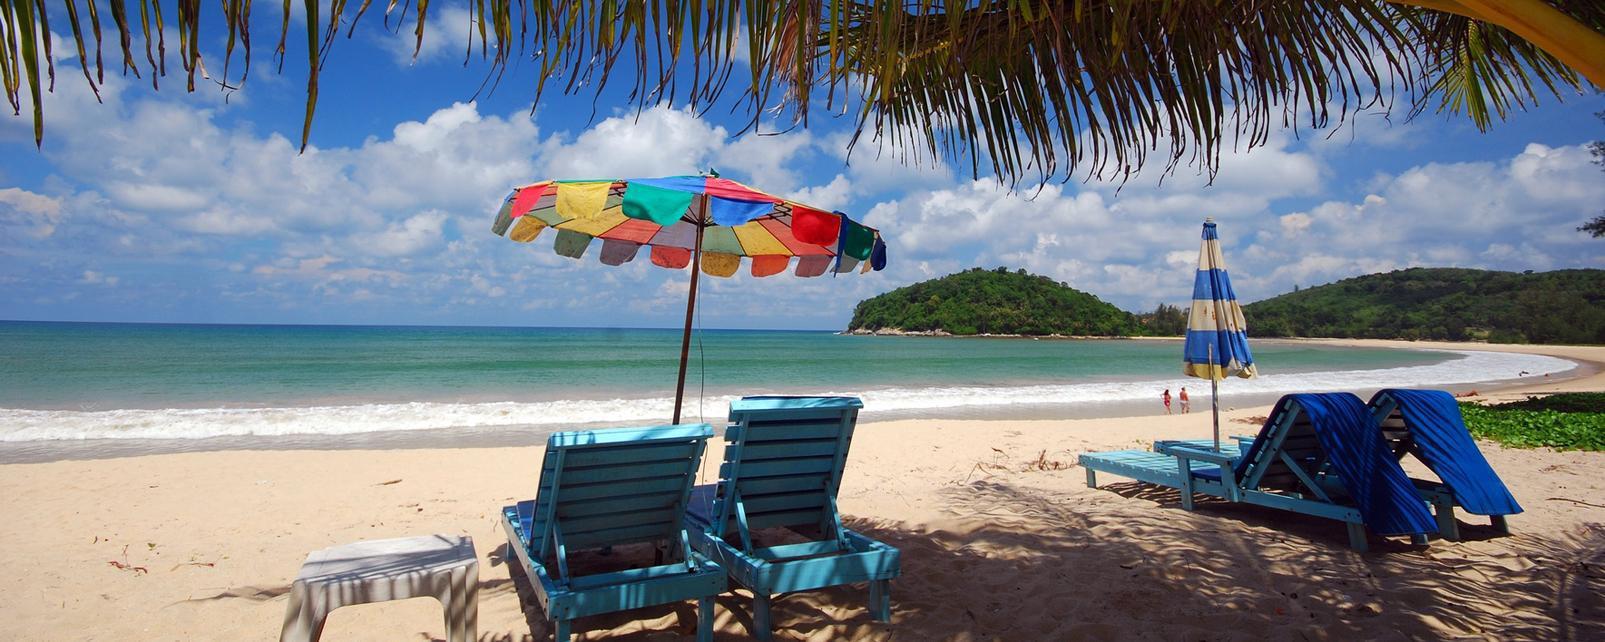 ماه دسامبر تایلند